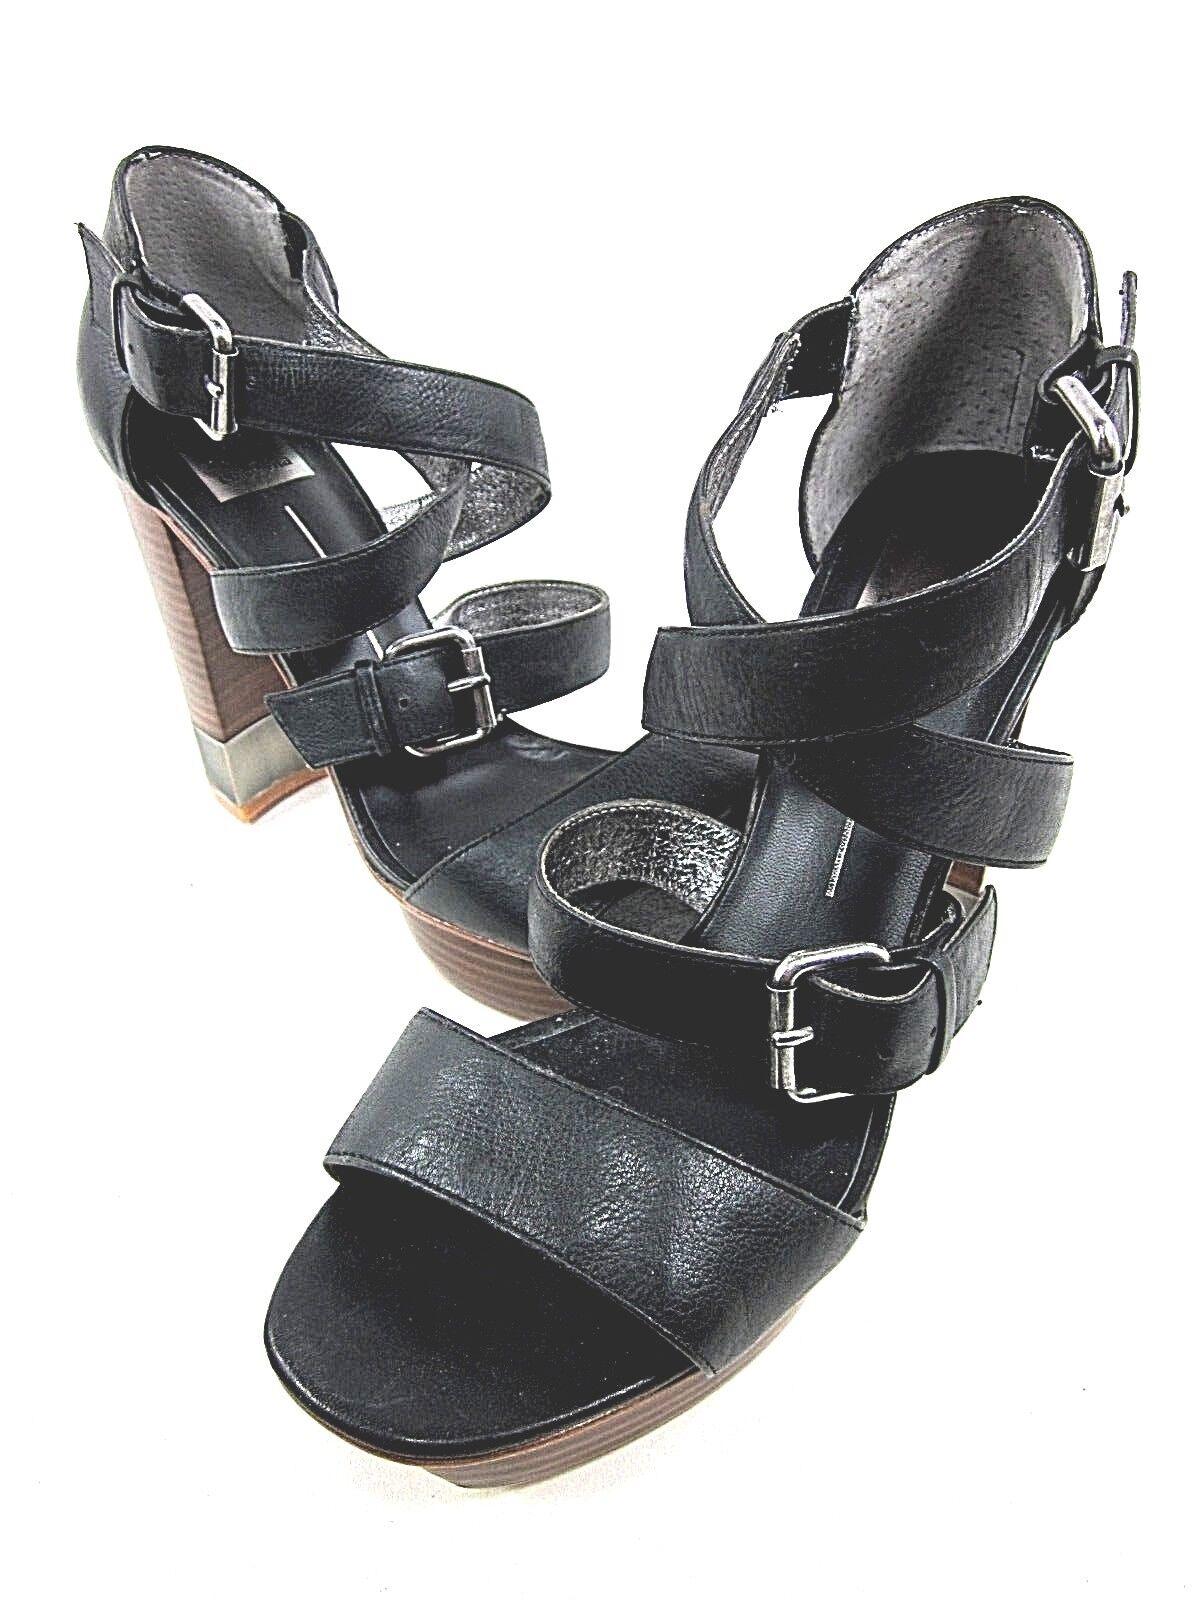 marca DOLCE VITA EMERY ANKLE-STRAP SANDAL donna nero US Dimensione 9.5M 9.5M 9.5M NEW DISPLAY  negozio a basso costo